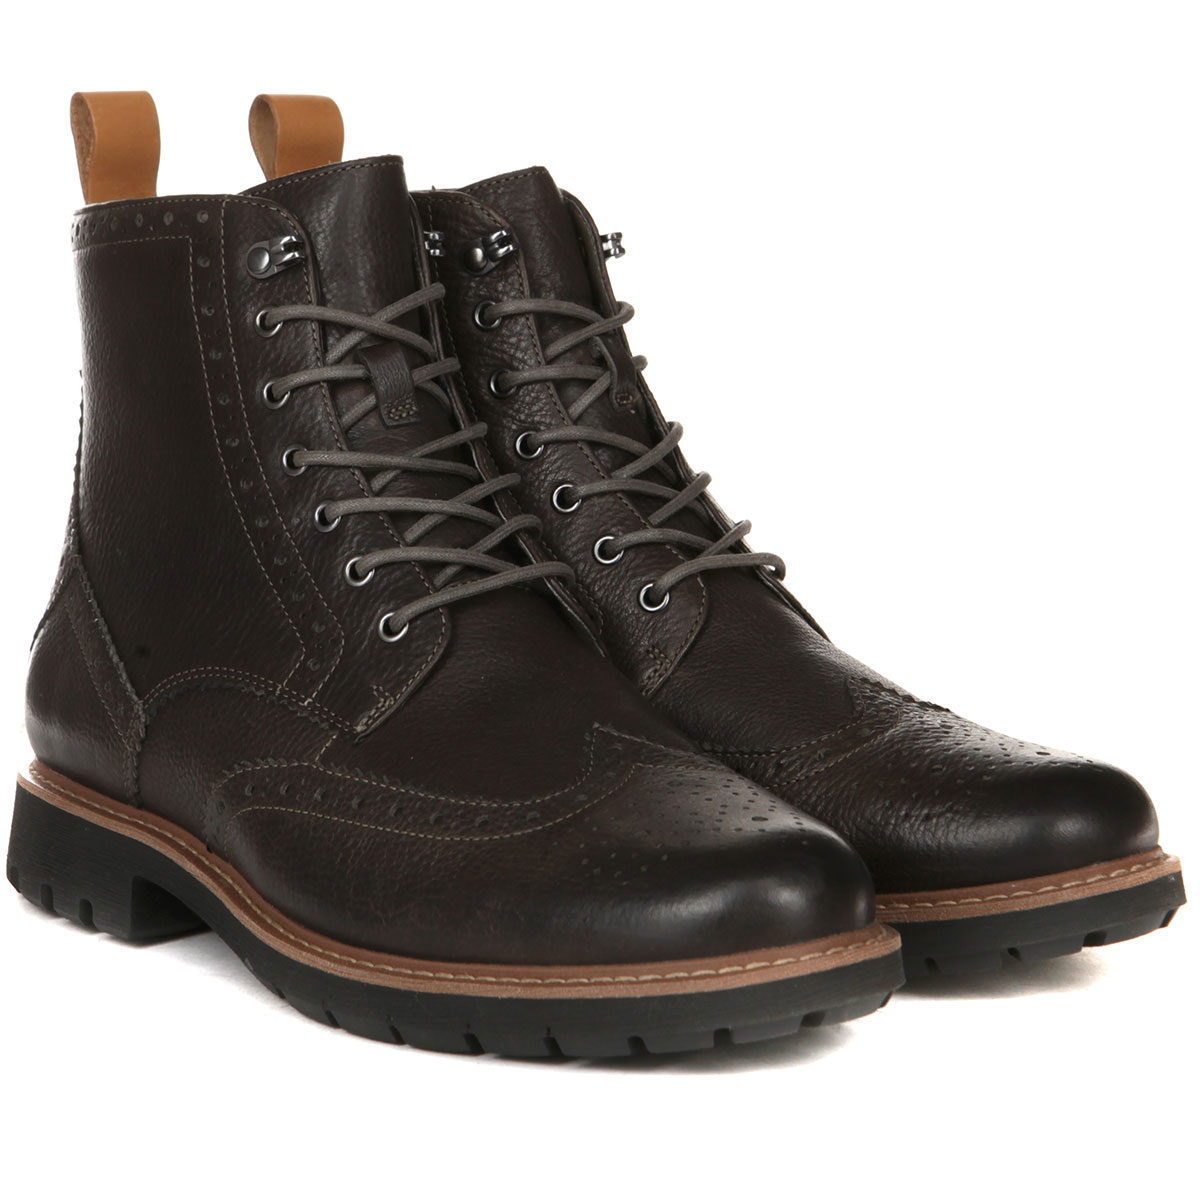 Купить ботинки Clarks Batcombe Lord серые (26137849) в интернет ... bd4e720d935d9